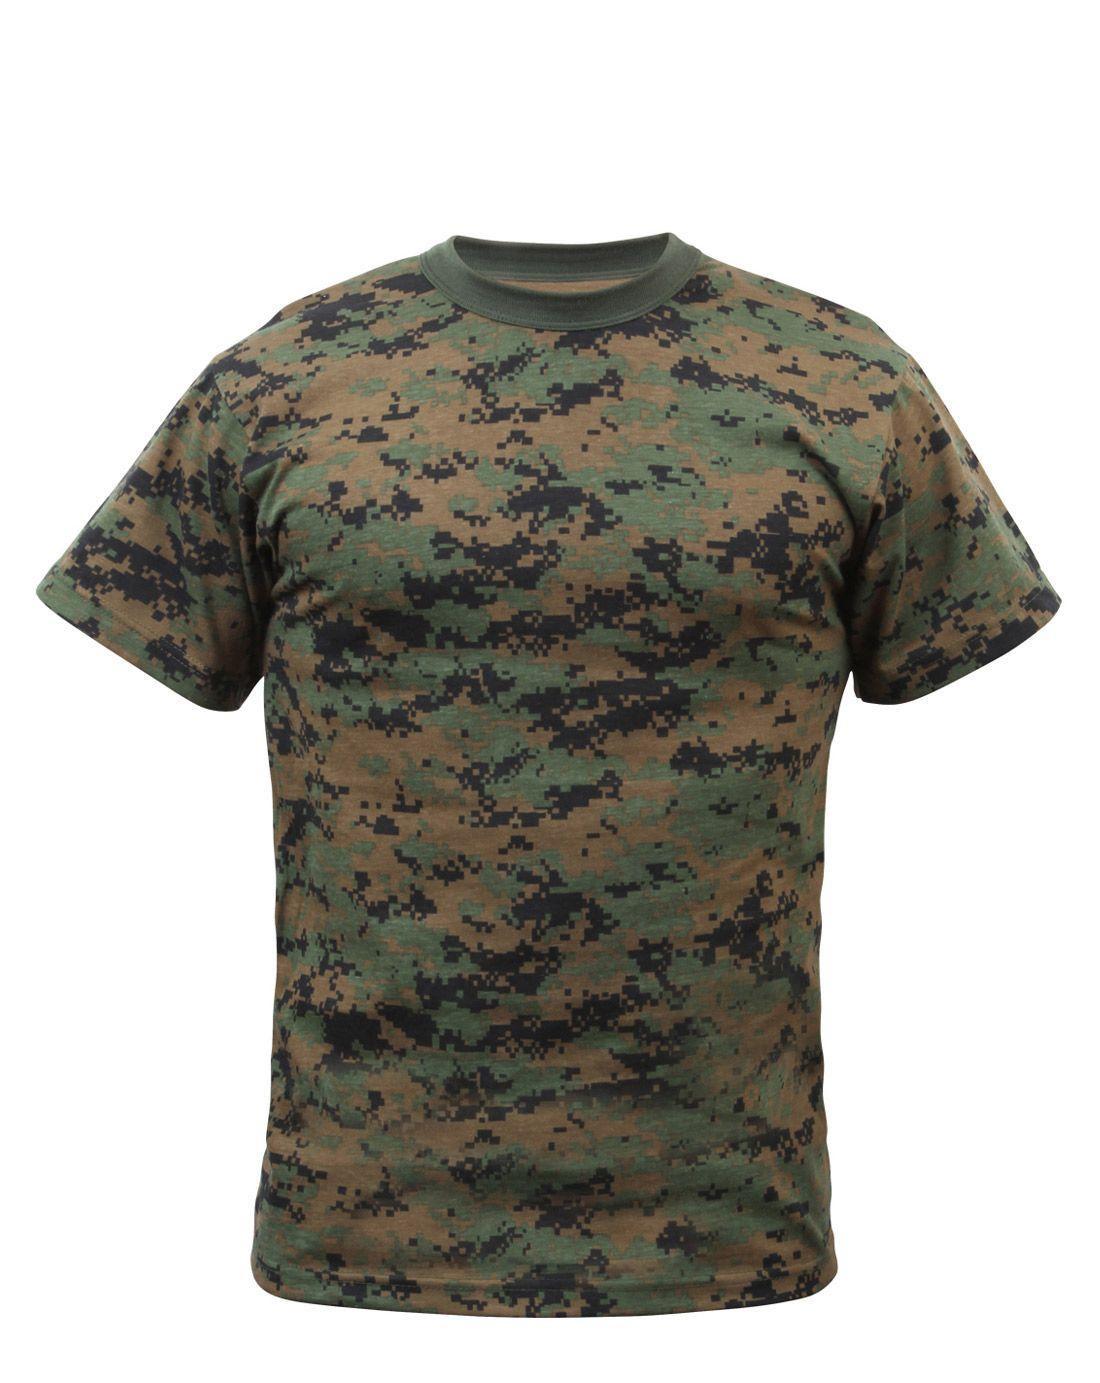 Rothco T-shirt - Många Kamouflage (Digital Woodland, 4XL)